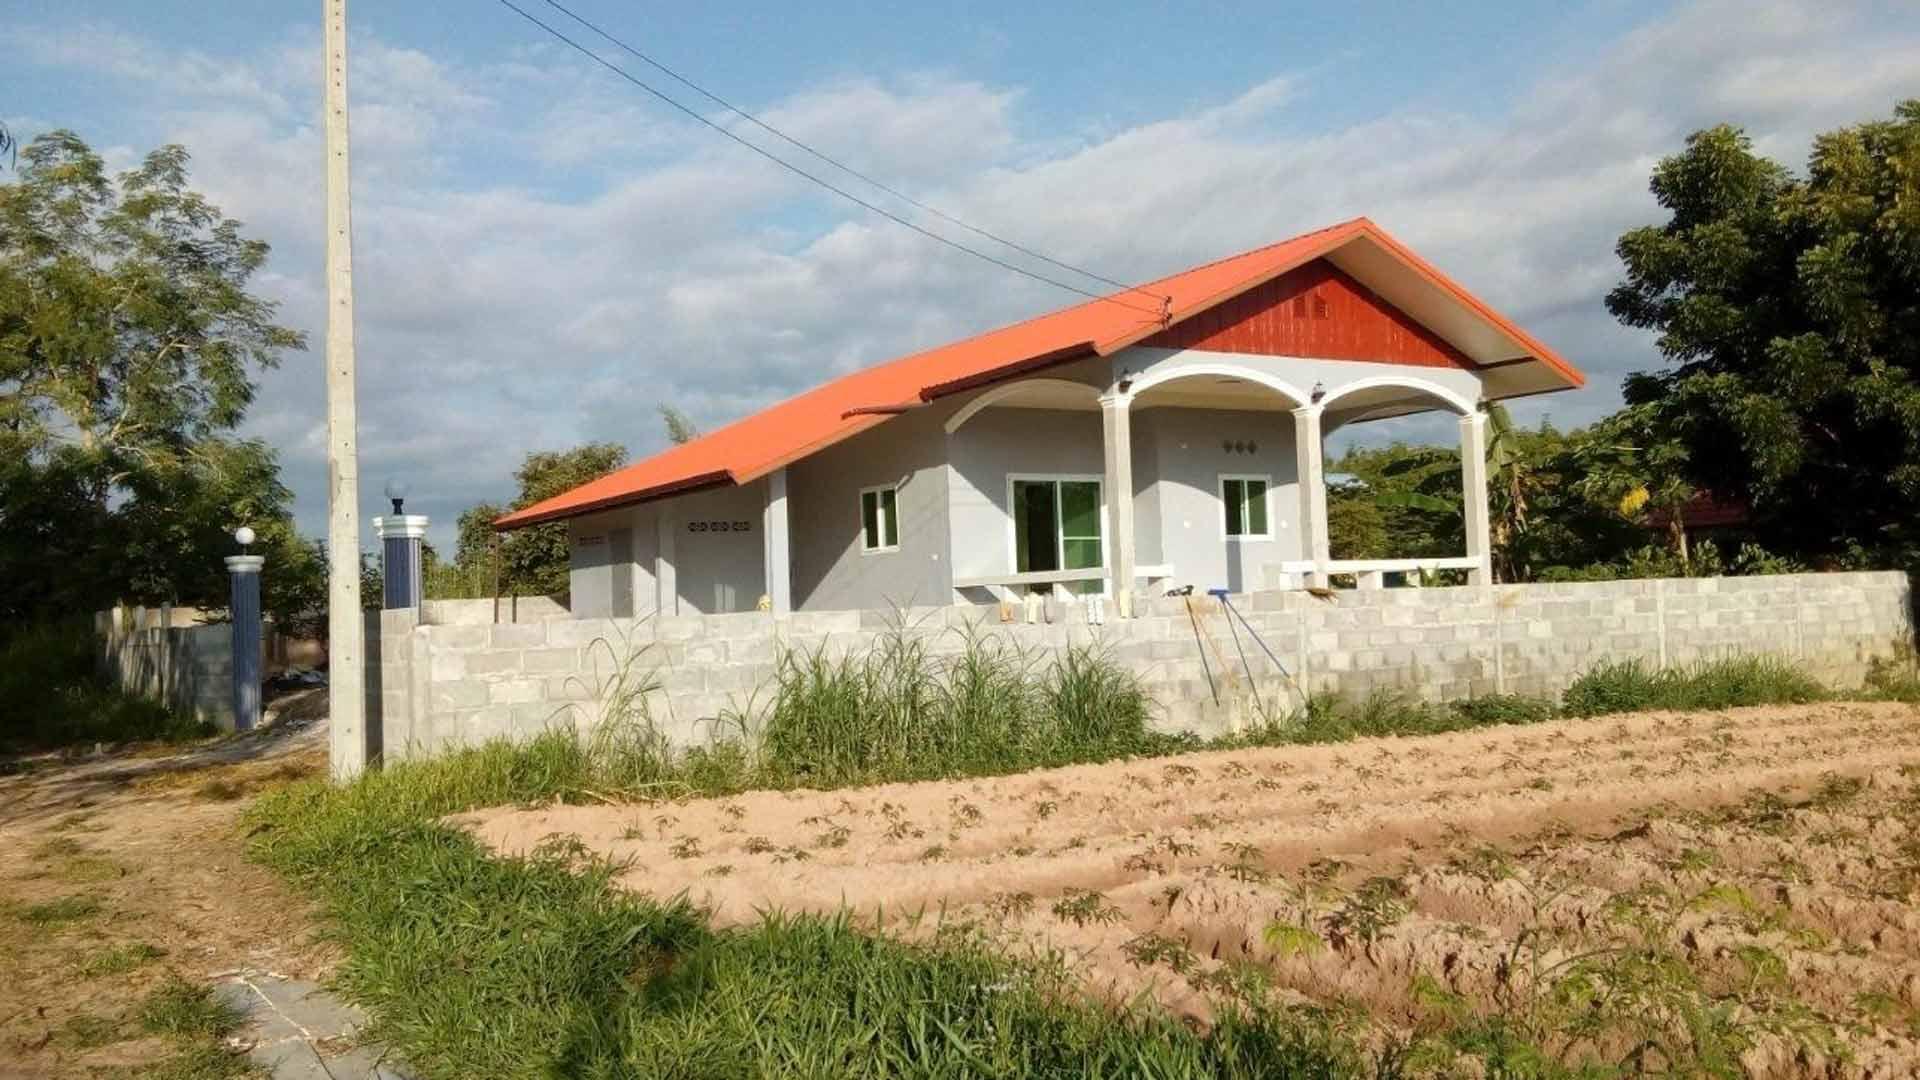 Erkki Parkkosen rakennuttama talo valmistui alkuvuodesta 2020.